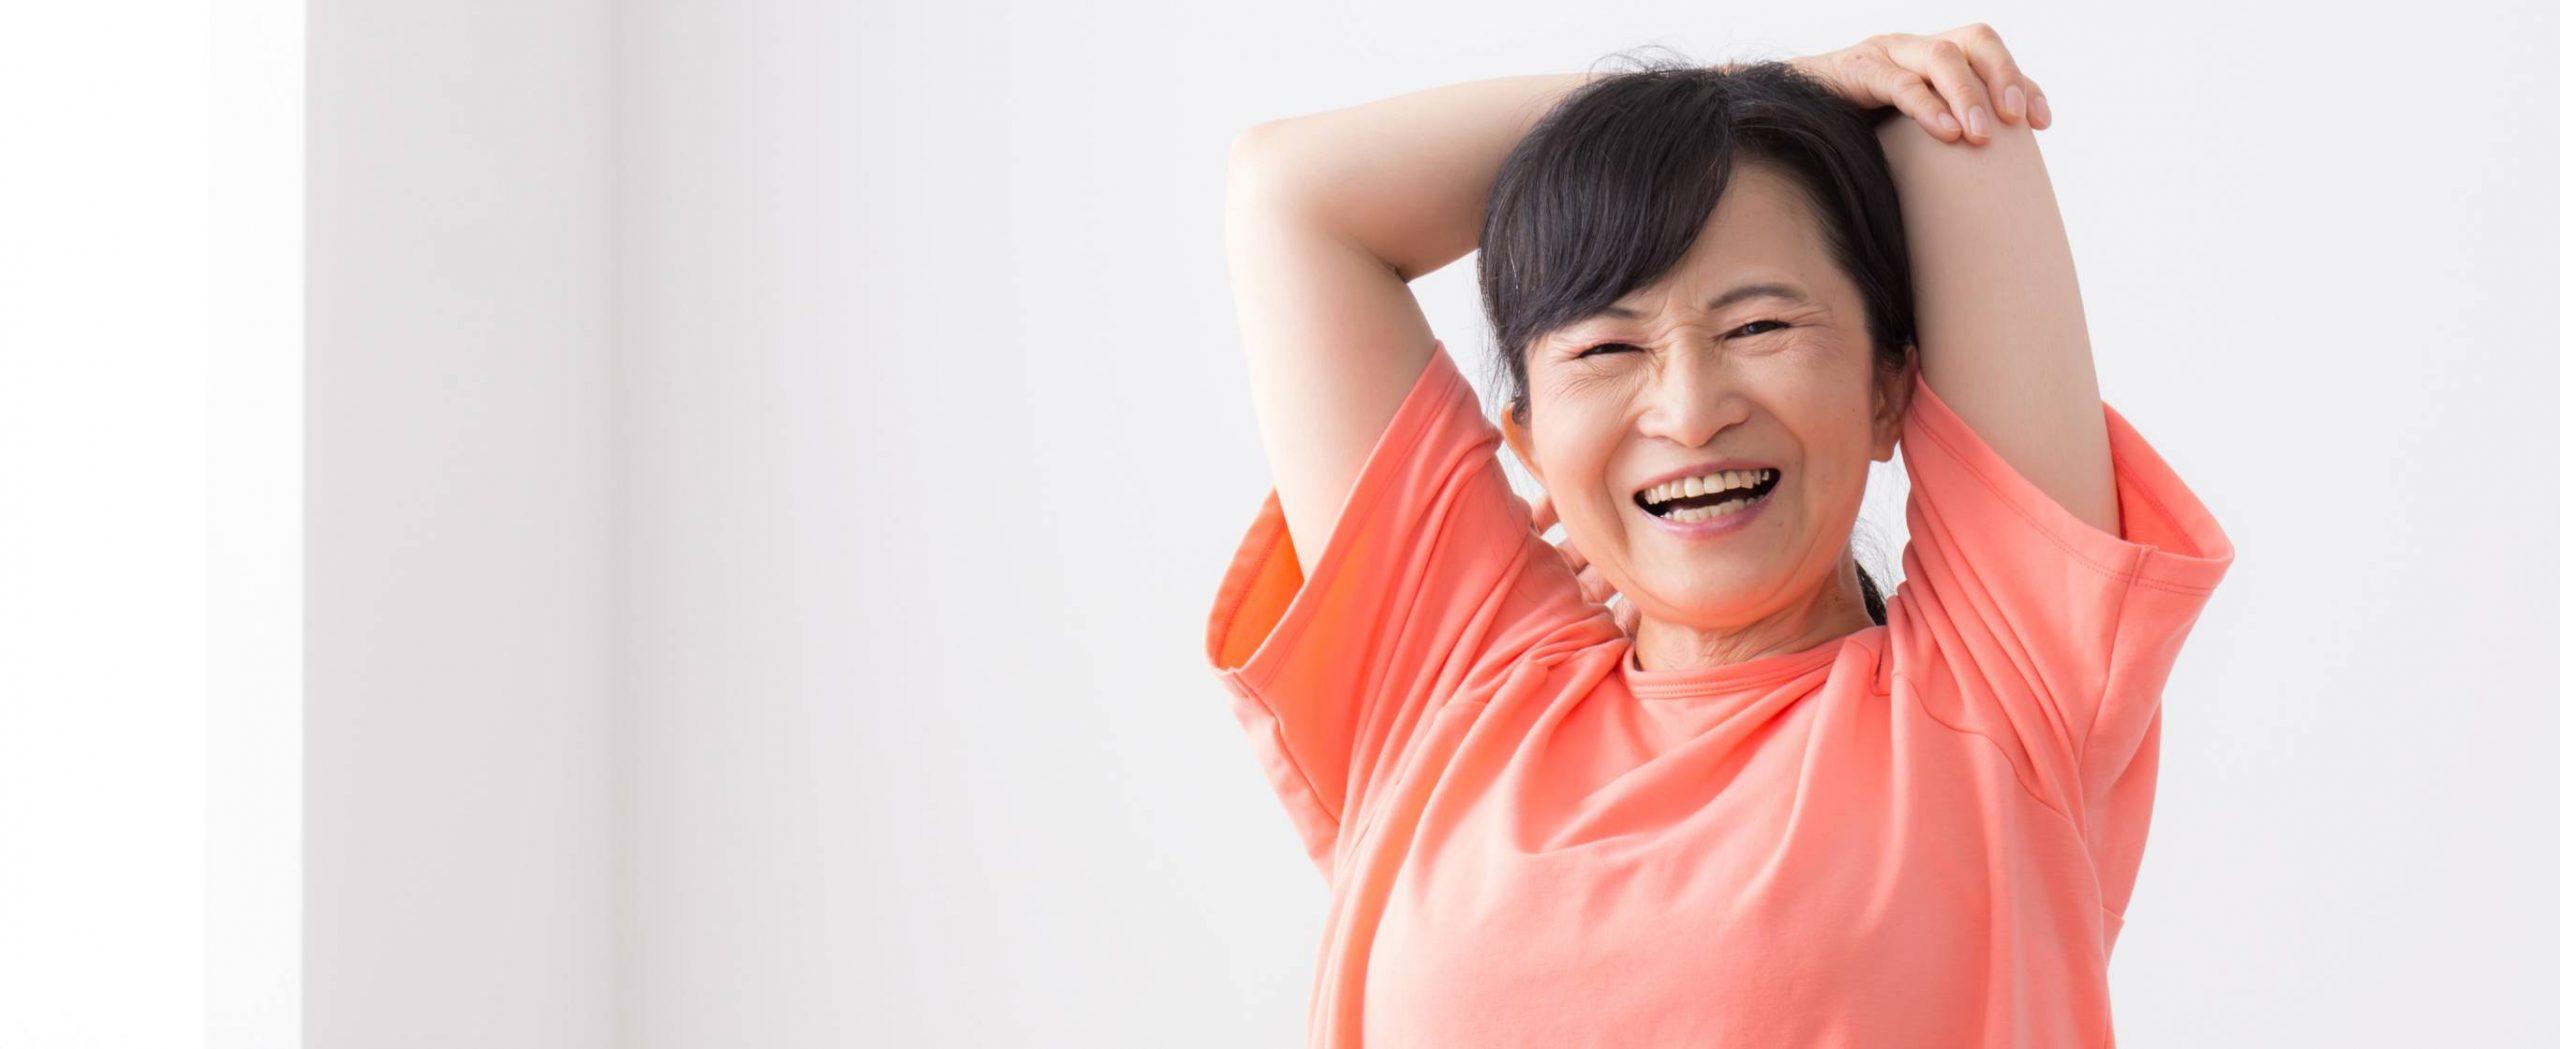 Tầm soát ung thư cho phụ nữ: Cần lưu ý